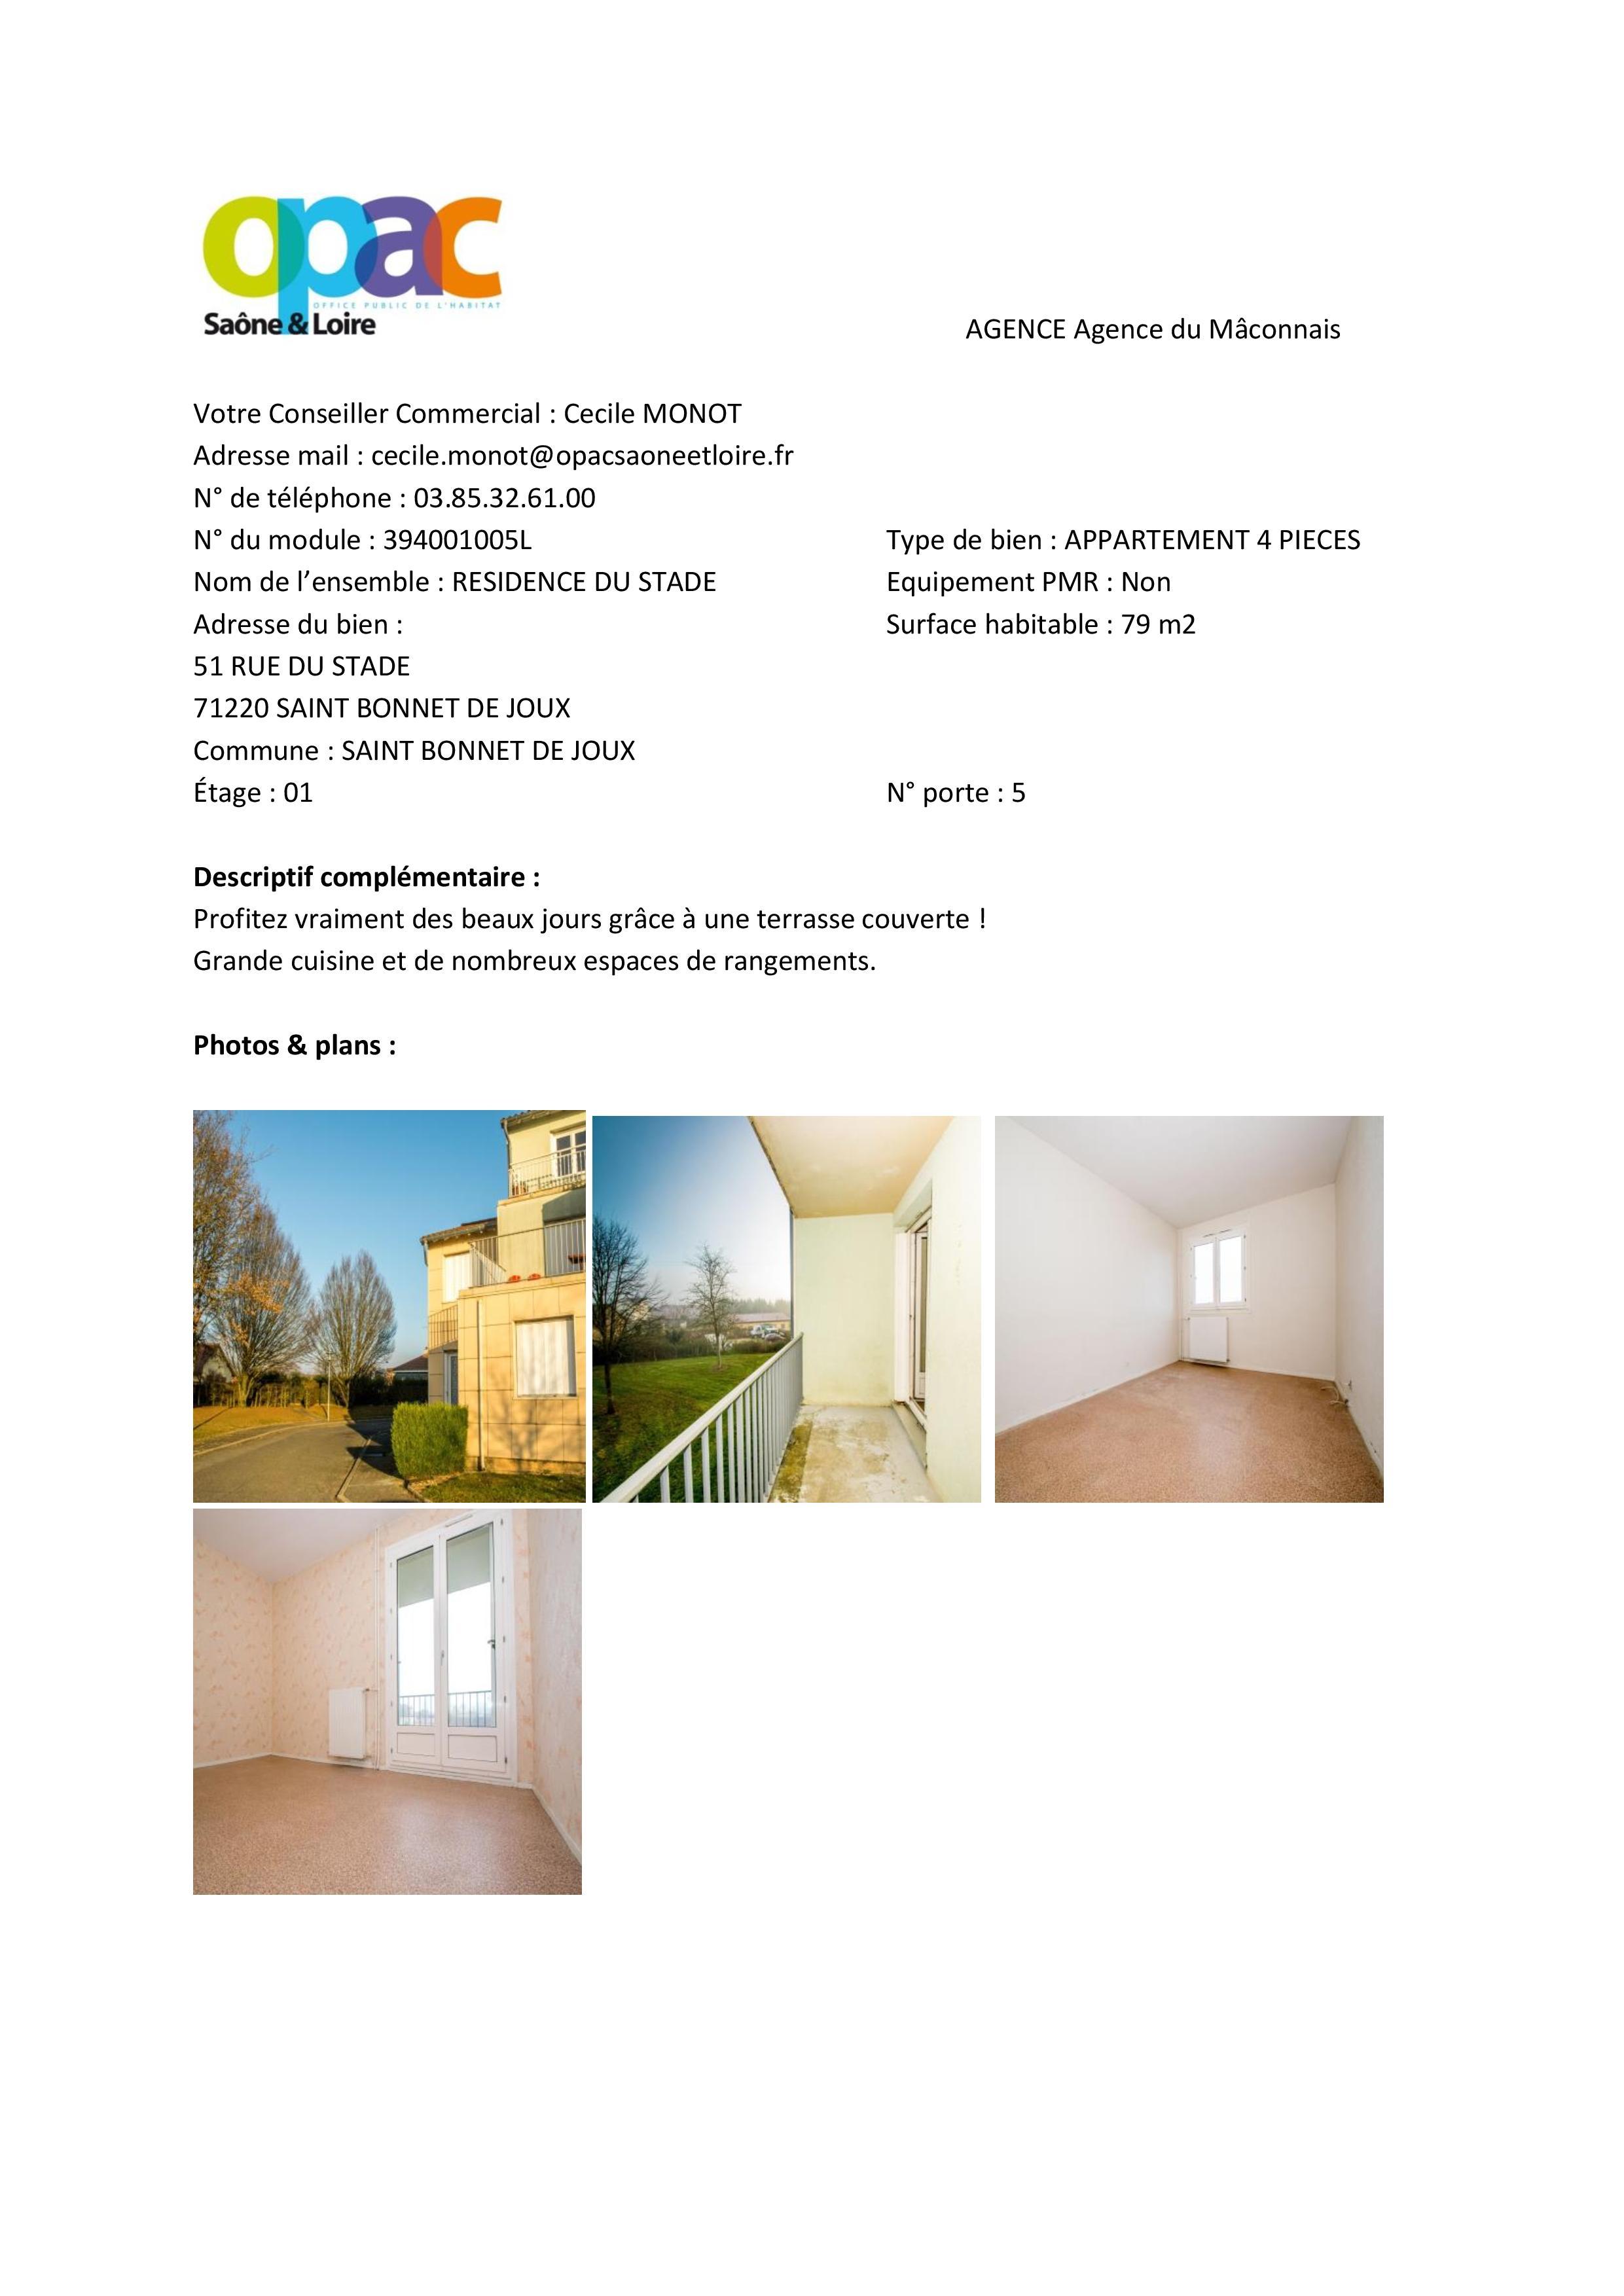 ST BONNET JOUX A4-page-001